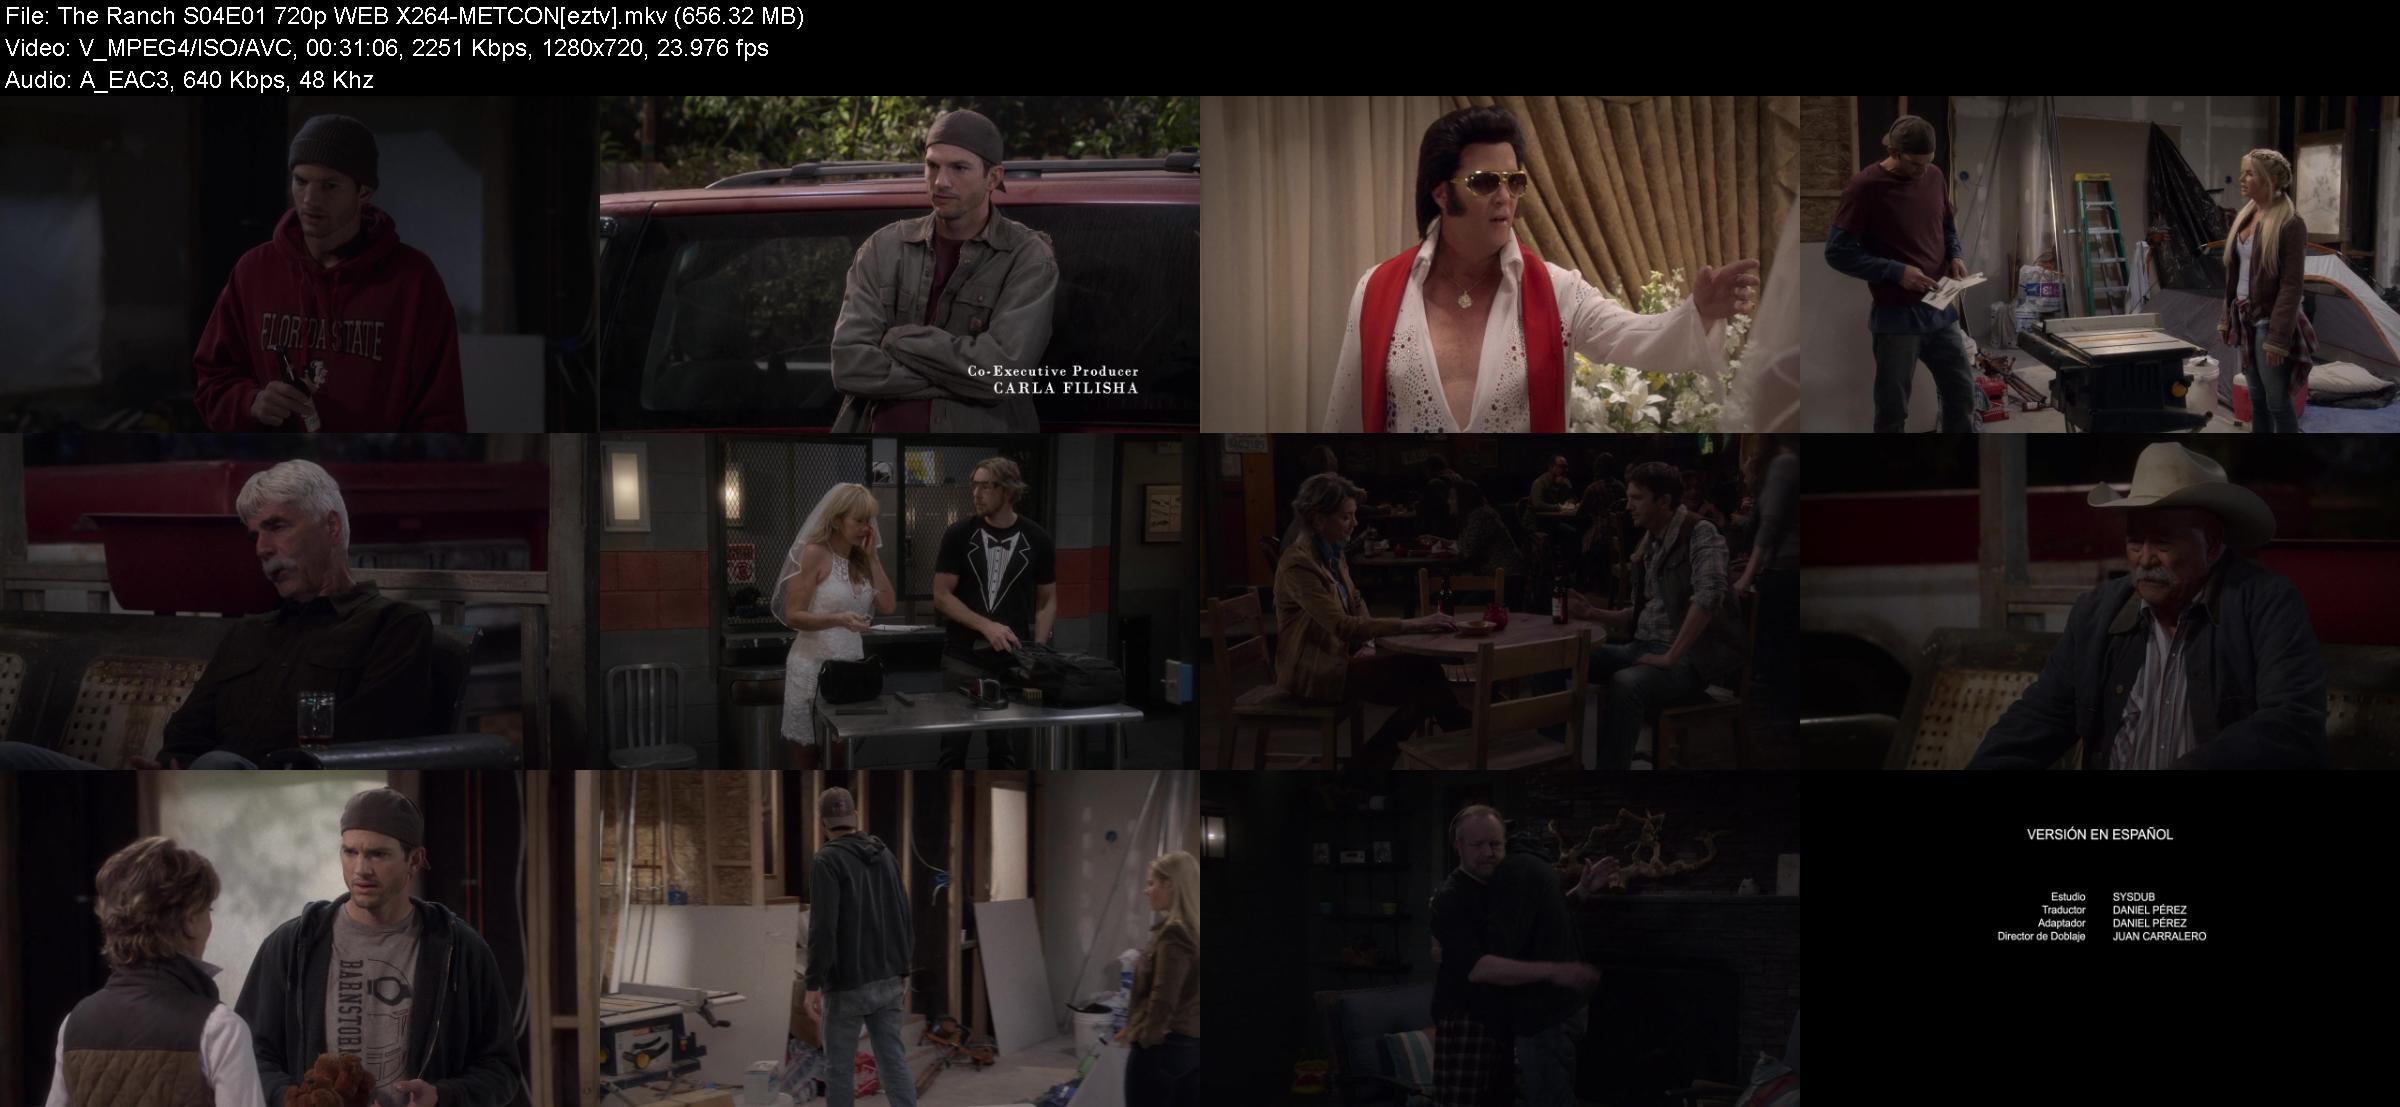 The Ranch S04E01 720p WEB X264-METCON